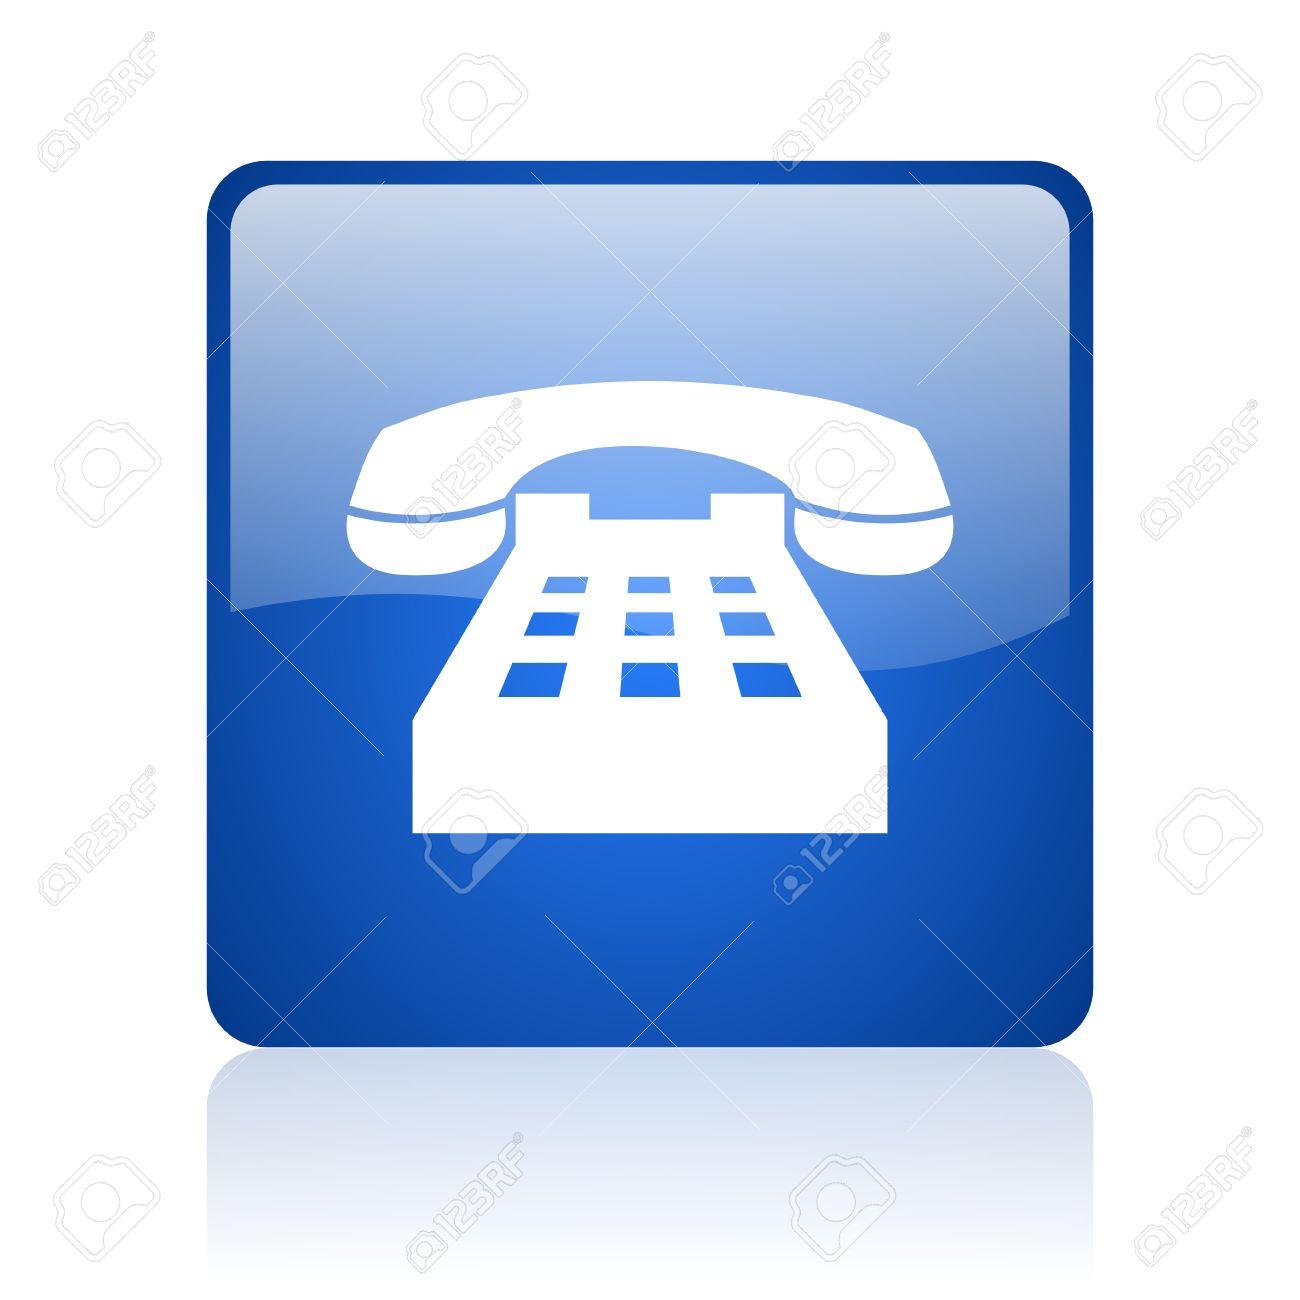 18037056-tel-fono-cuadrado-azul-brillante-icono-web-sobre-fondo-blanco-Foto-de-archivo.jpg